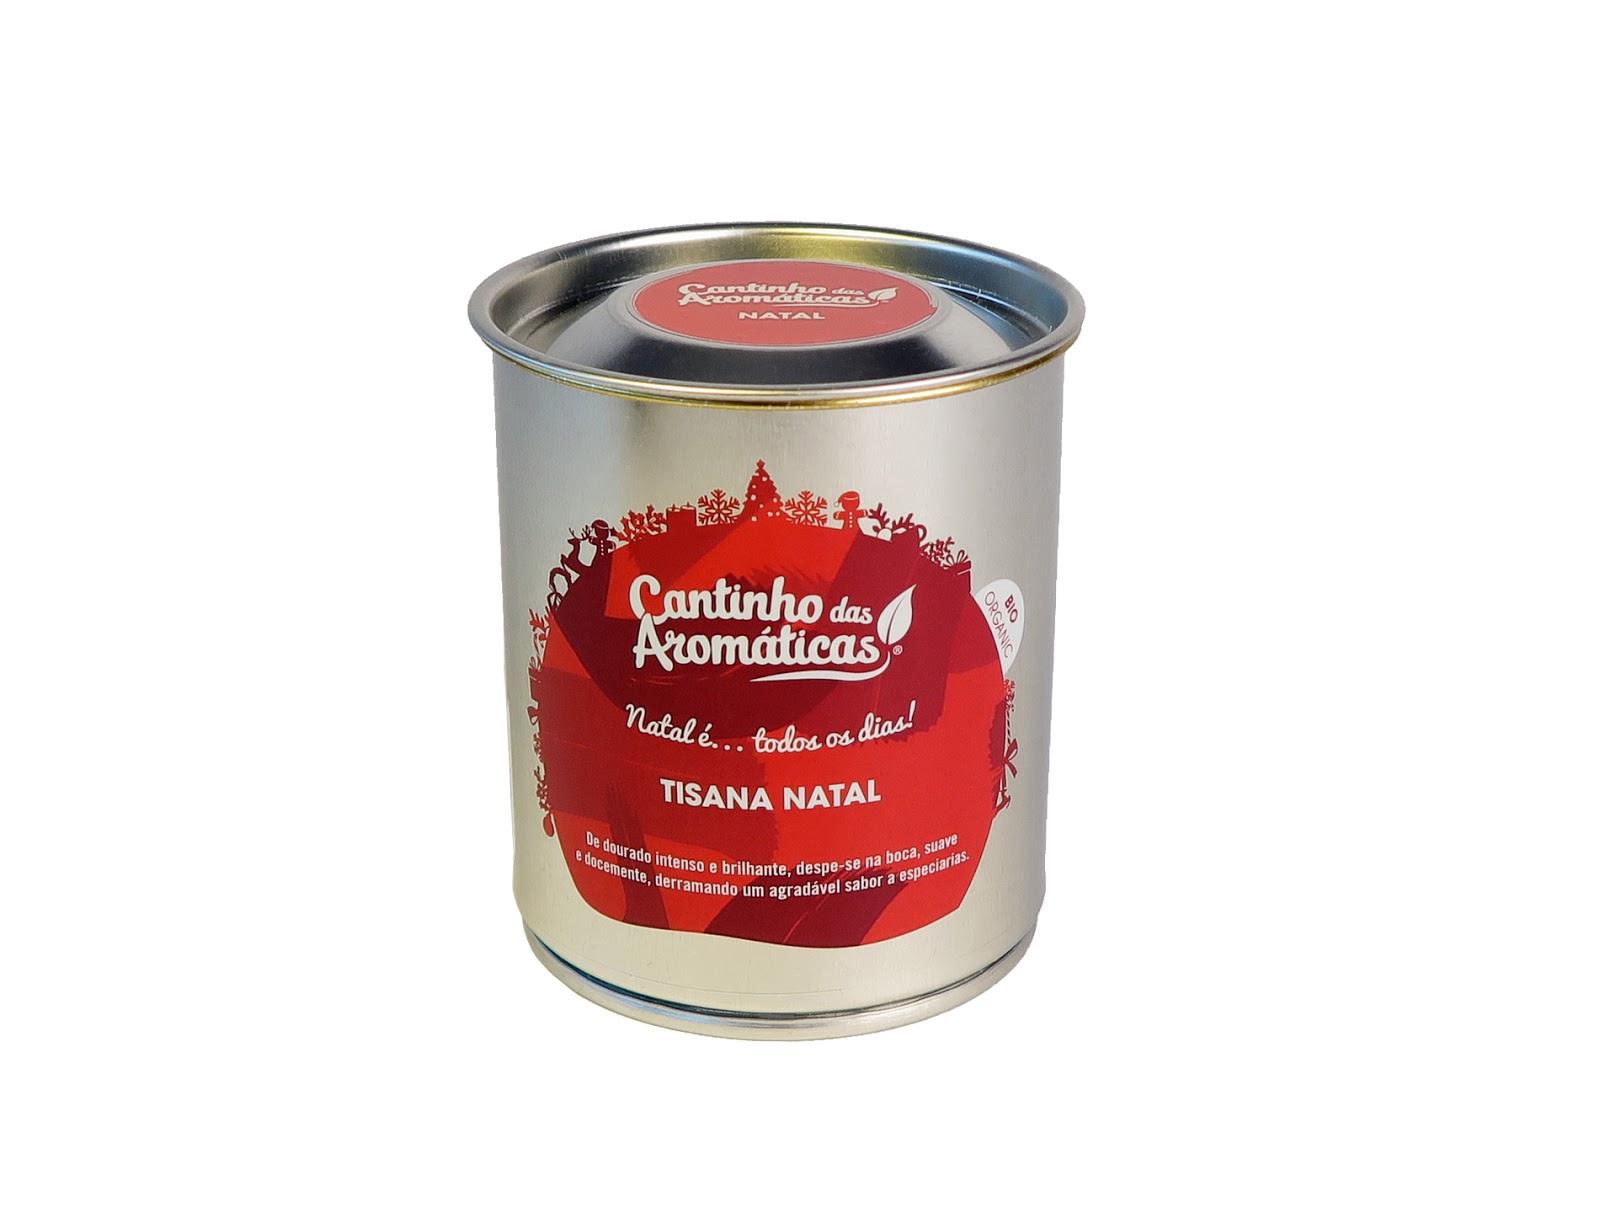 https://www.cantinhodasaromaticas.pt/produto/tisana-natal-bio-cantinho-das-aromaticas-40g/